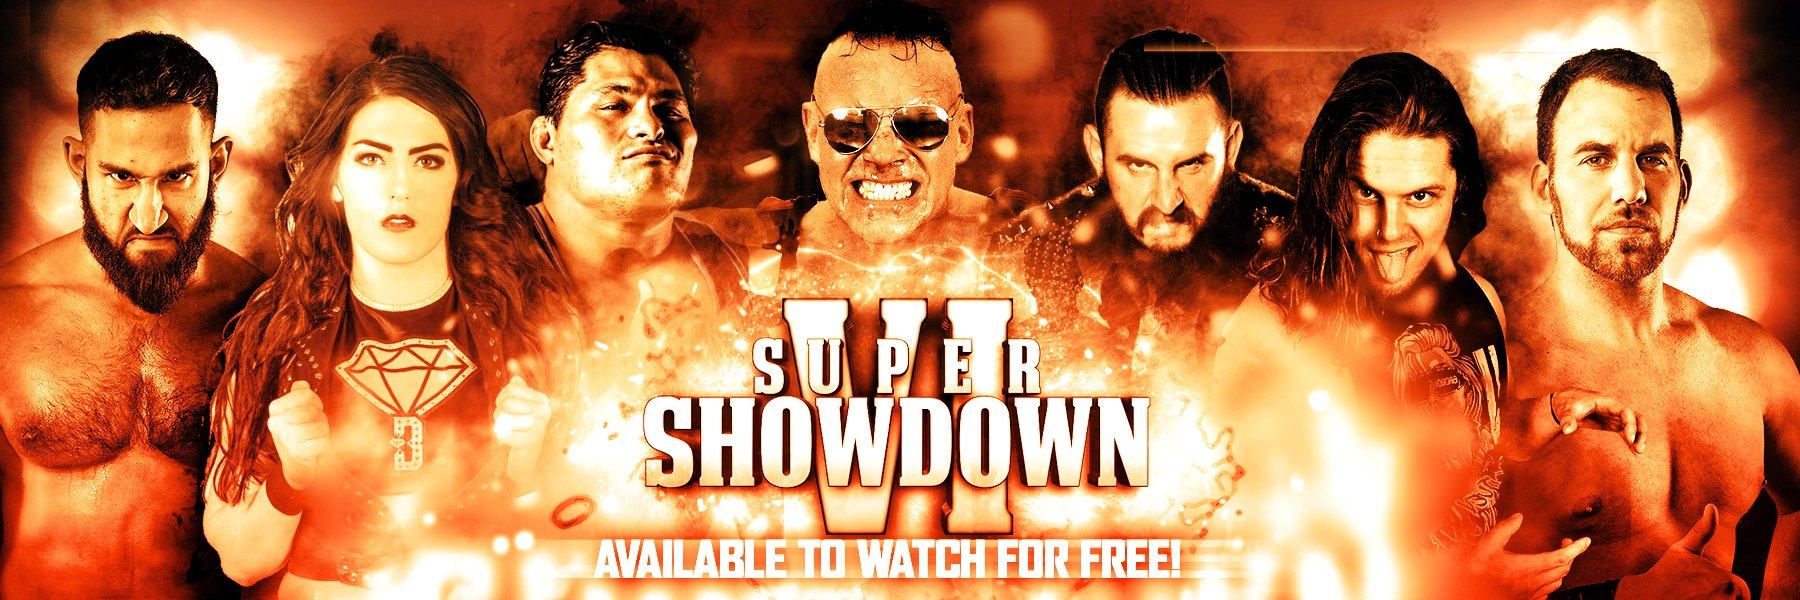 Watch Super Showdown VI for FREE!